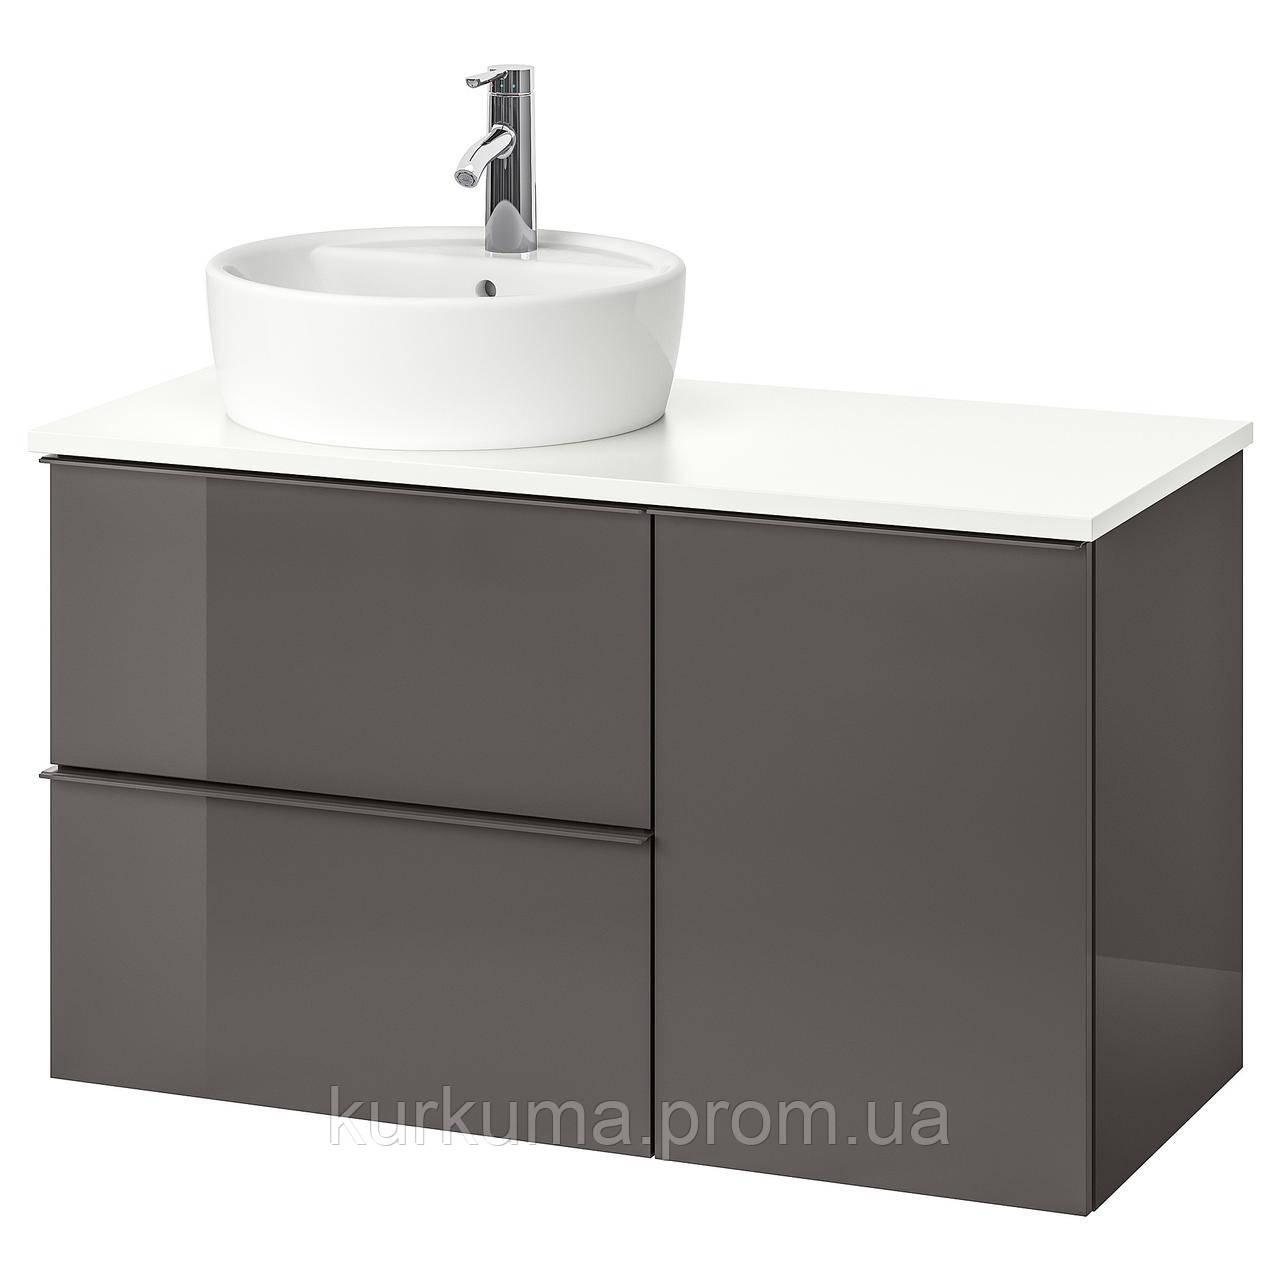 IKEA GODMORGON/TOLKEN/TORNVIKEN Шкаф под умывальник с раковиной 45 см, глянцевый серый, белый  (591.932.47)